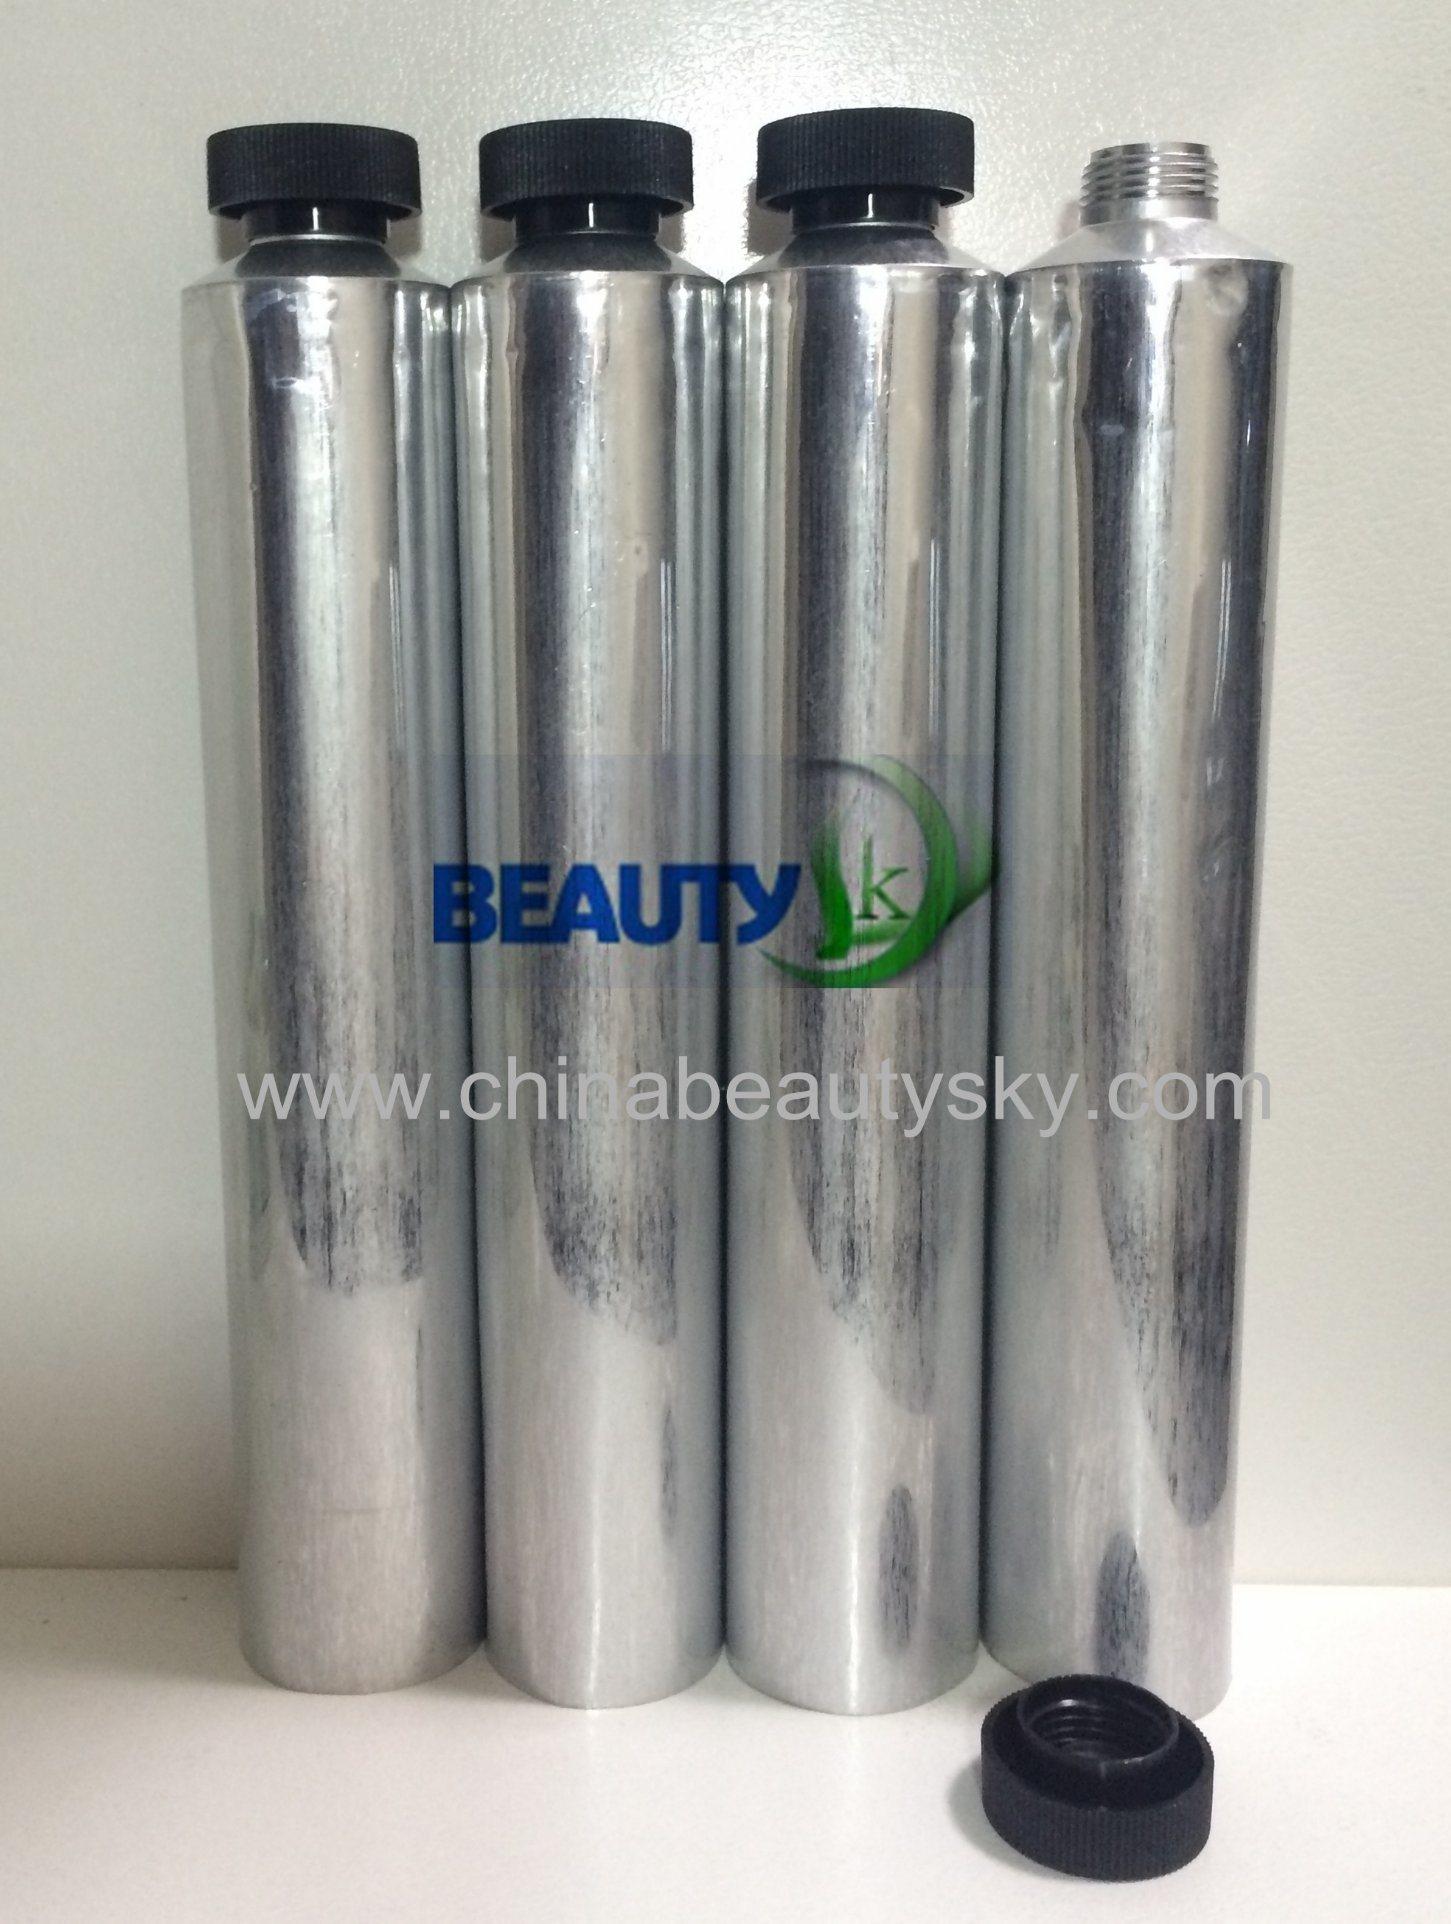 Emty Aluminum Packaging Tubes for Oil Cream Hair Color Cream Volume 200ml